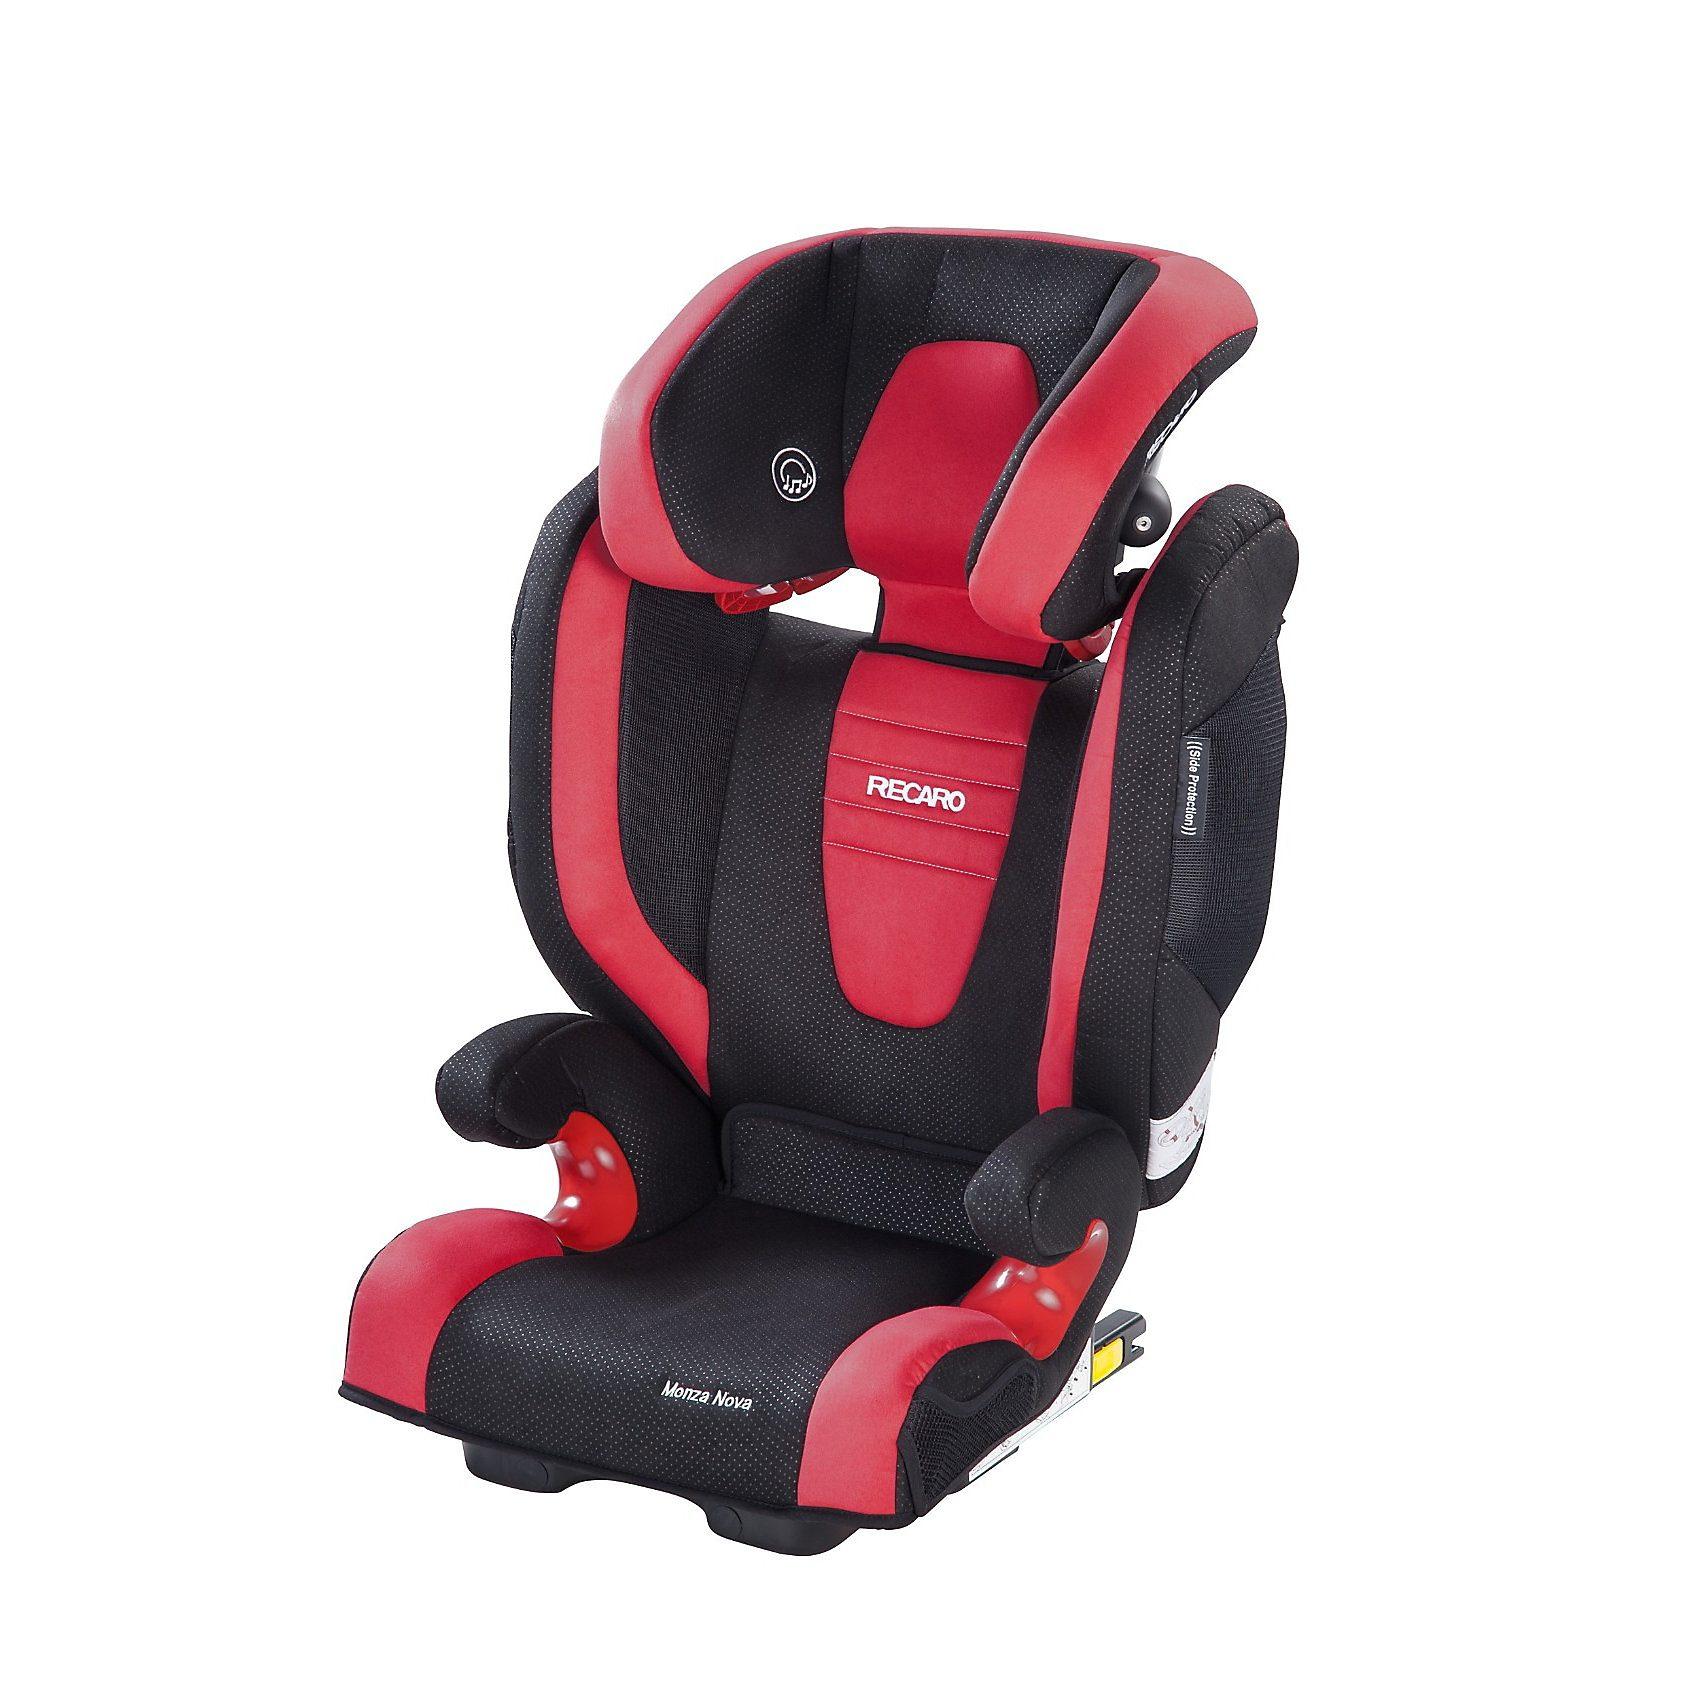 RECARO Auto-Kindersitz Monza Nova 2 Seatfix, Cherry